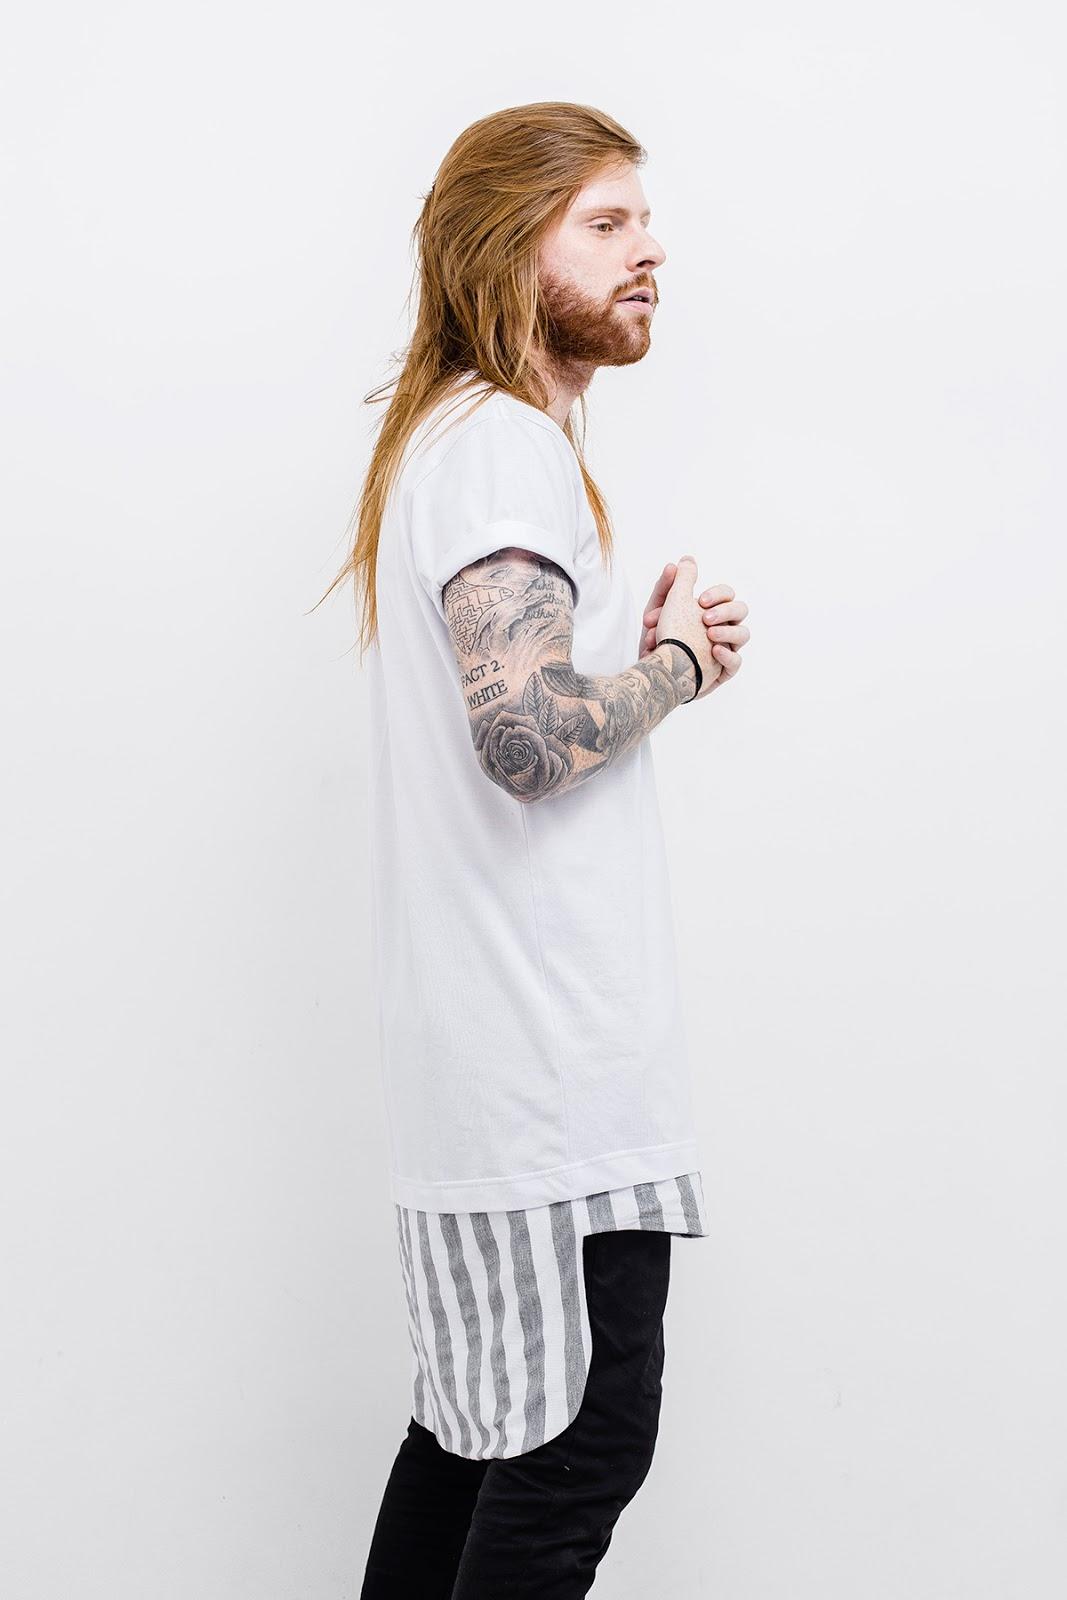 43db04cac5 Macho Moda - Blog de Moda Masculina  As Camisetas Masculinas em alta pra  2016